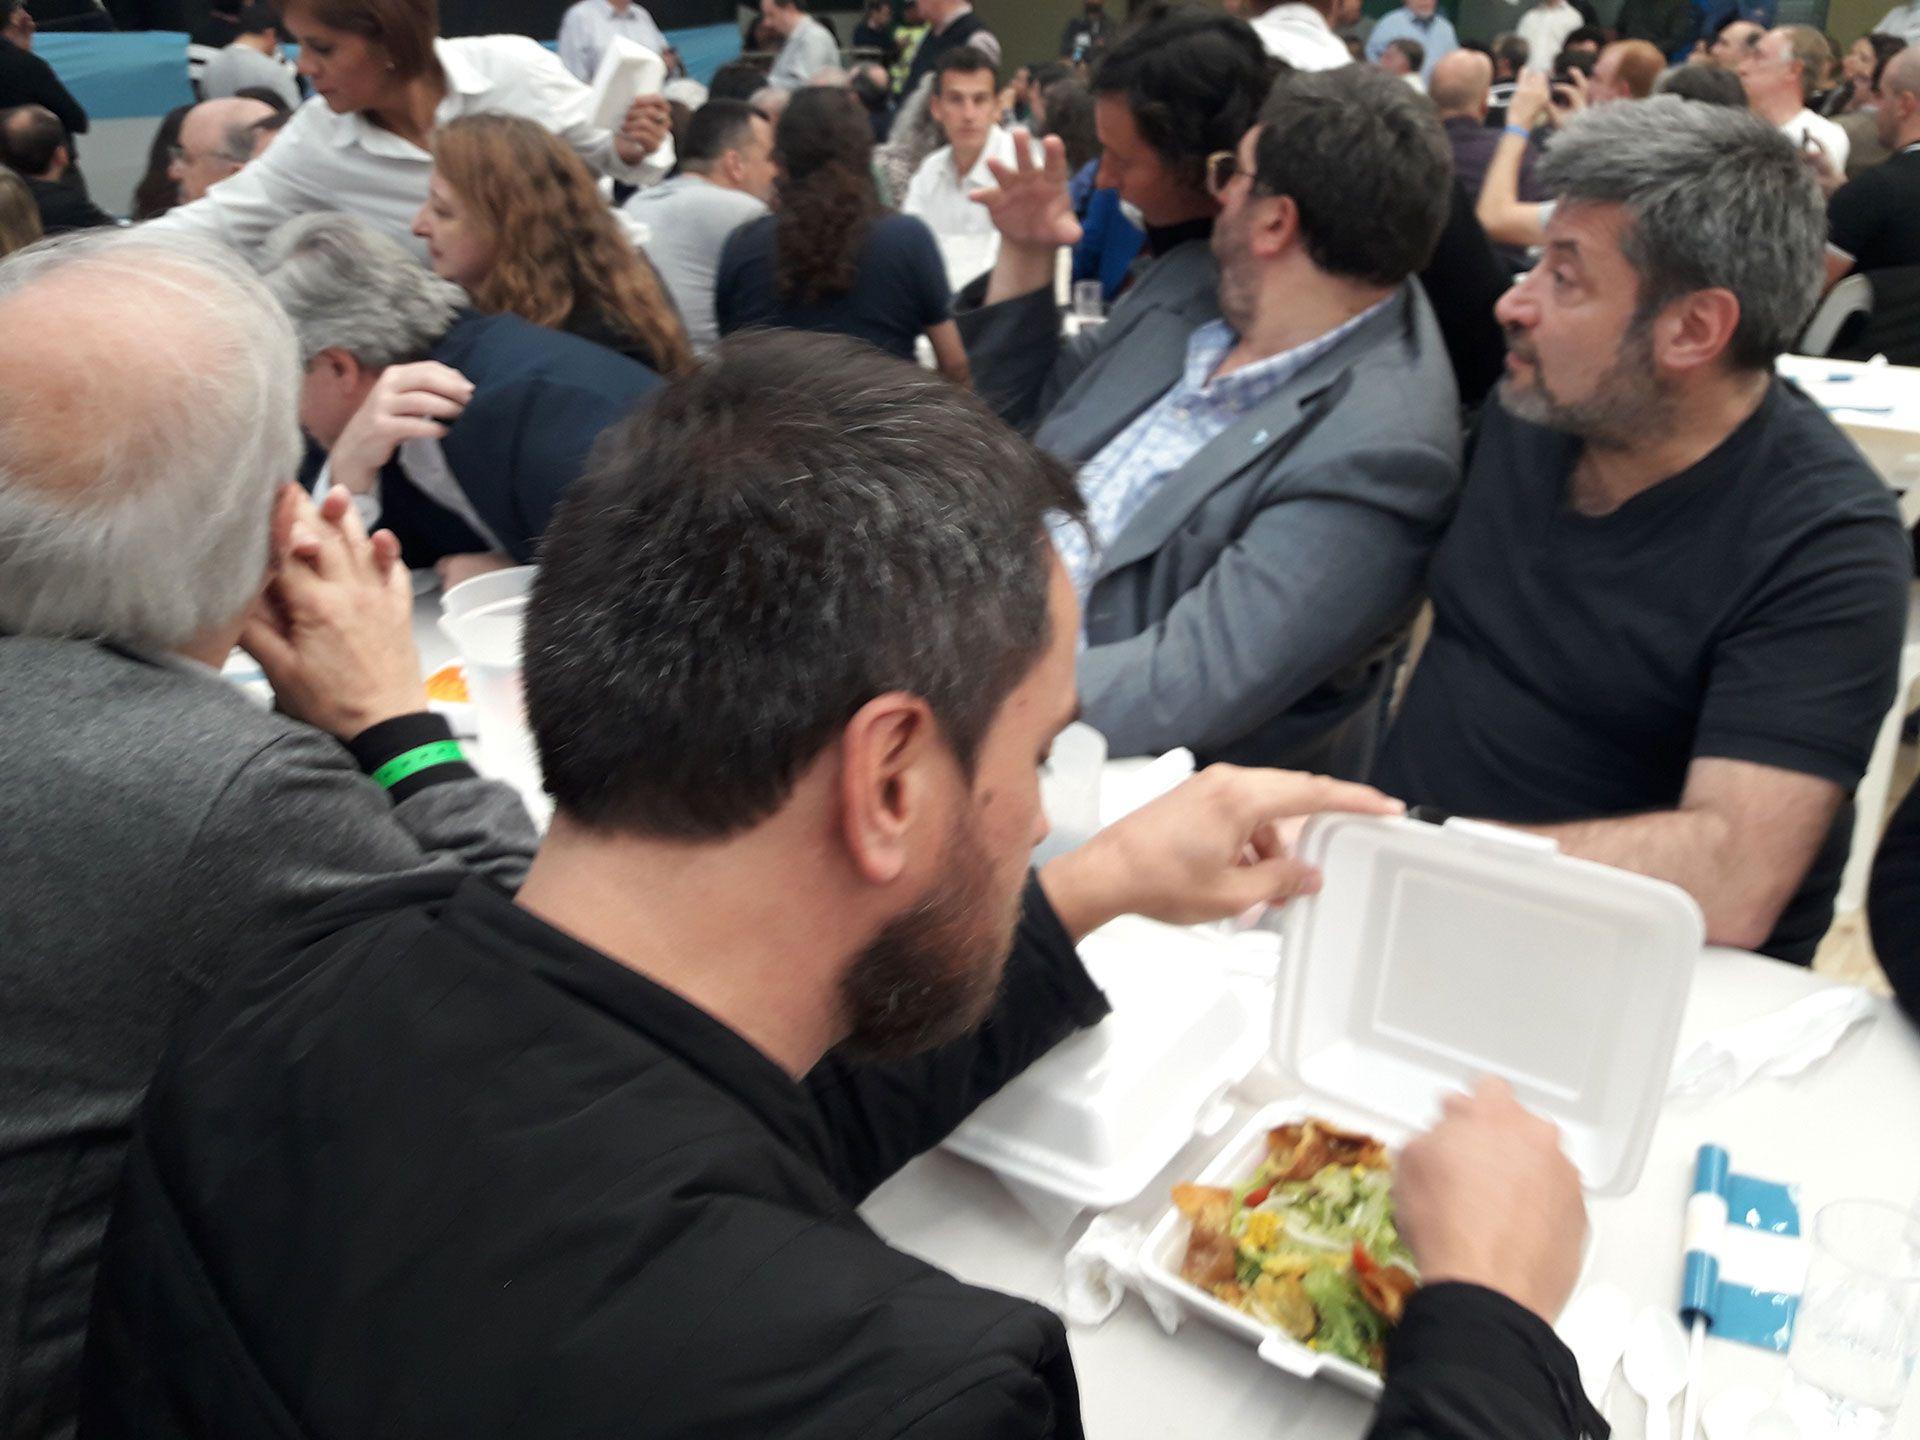 El 'plato' sin carne que sirvieron al diputado nacional en el locro peronista